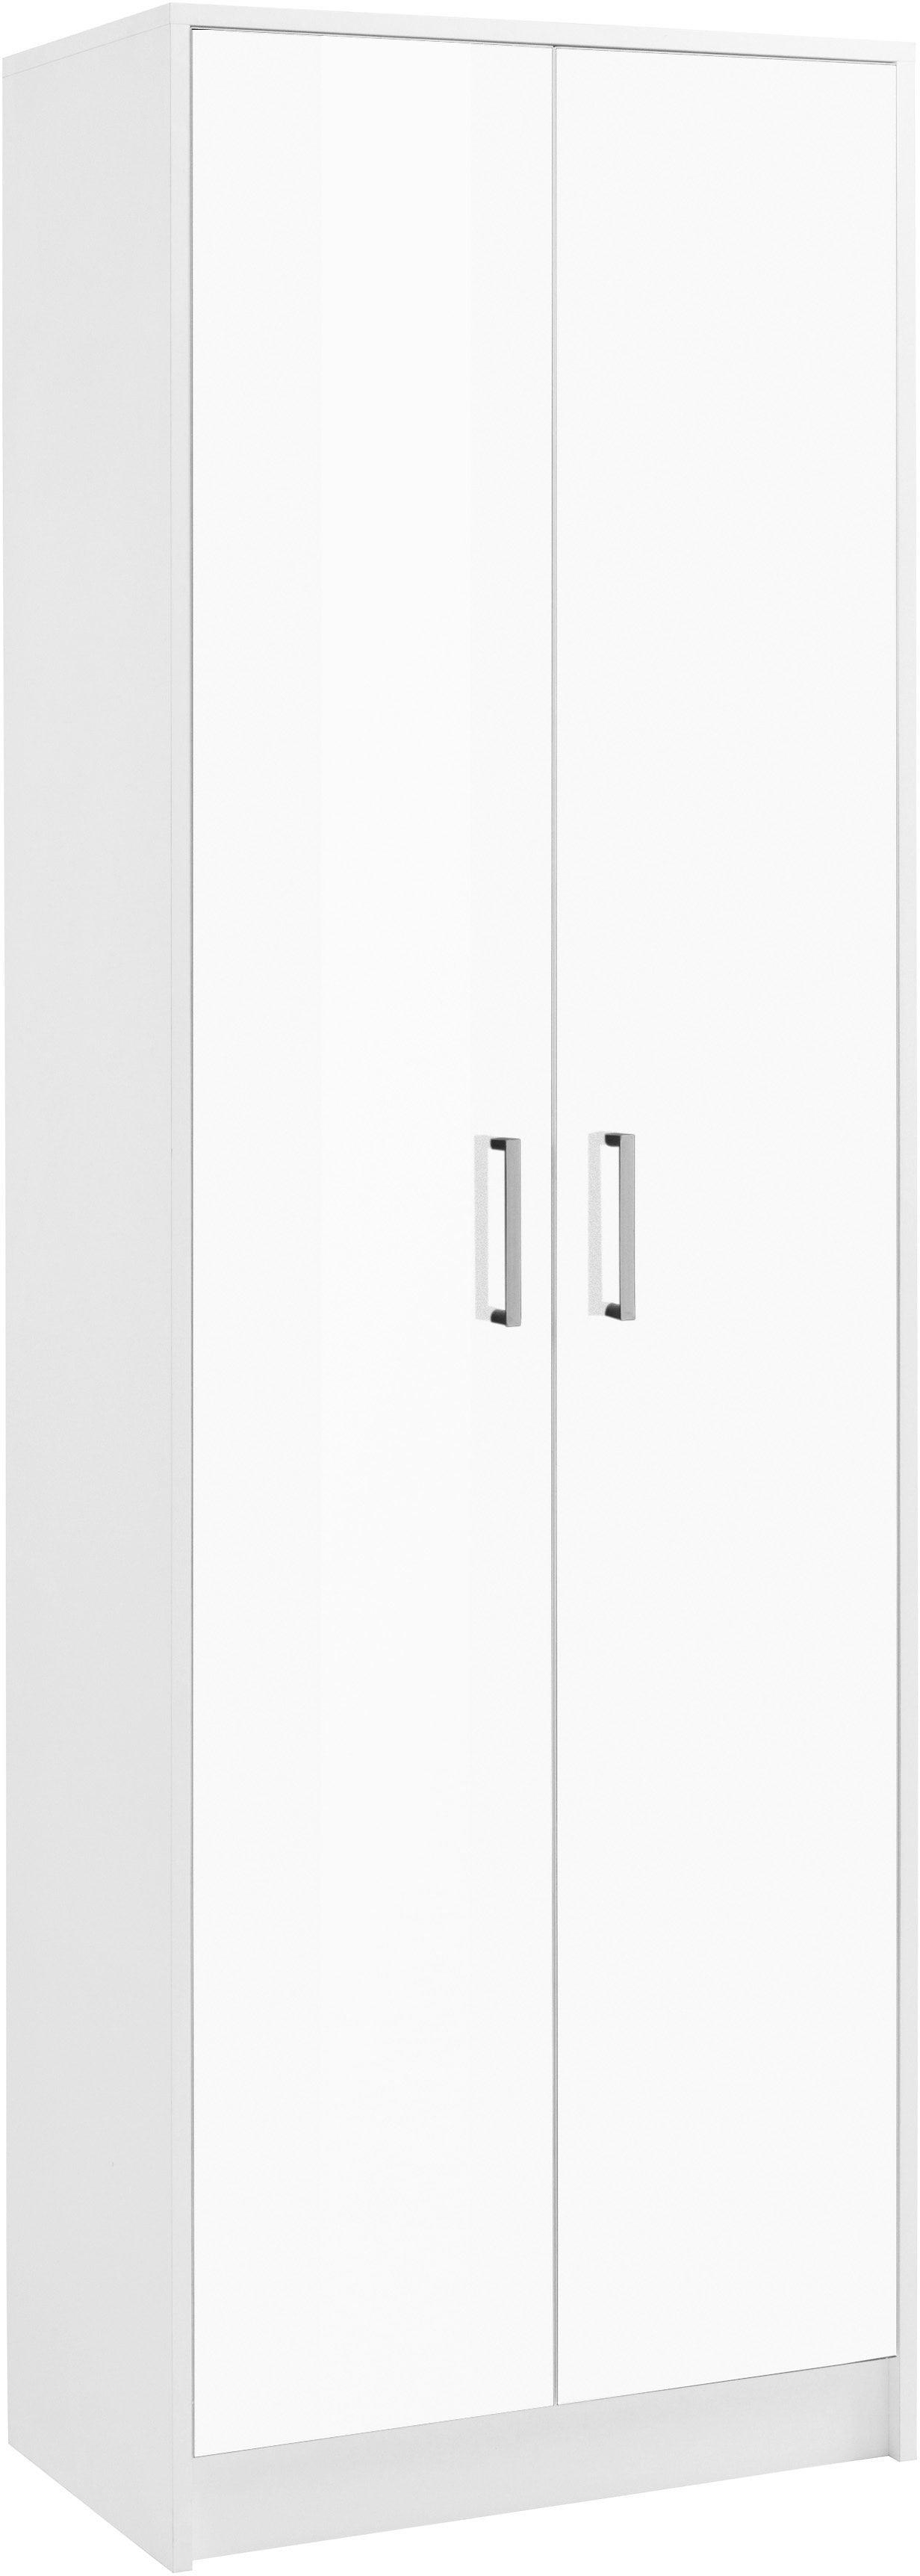 Borchardt Möbel Garderobenschrank »Finn« mit 2 Türen und Hochglanz Fronten | Flur & Diele > Garderoben > Garderobenschränke | Weiß | Hochglanz - Melamin | BORCHARDT MÖBEL